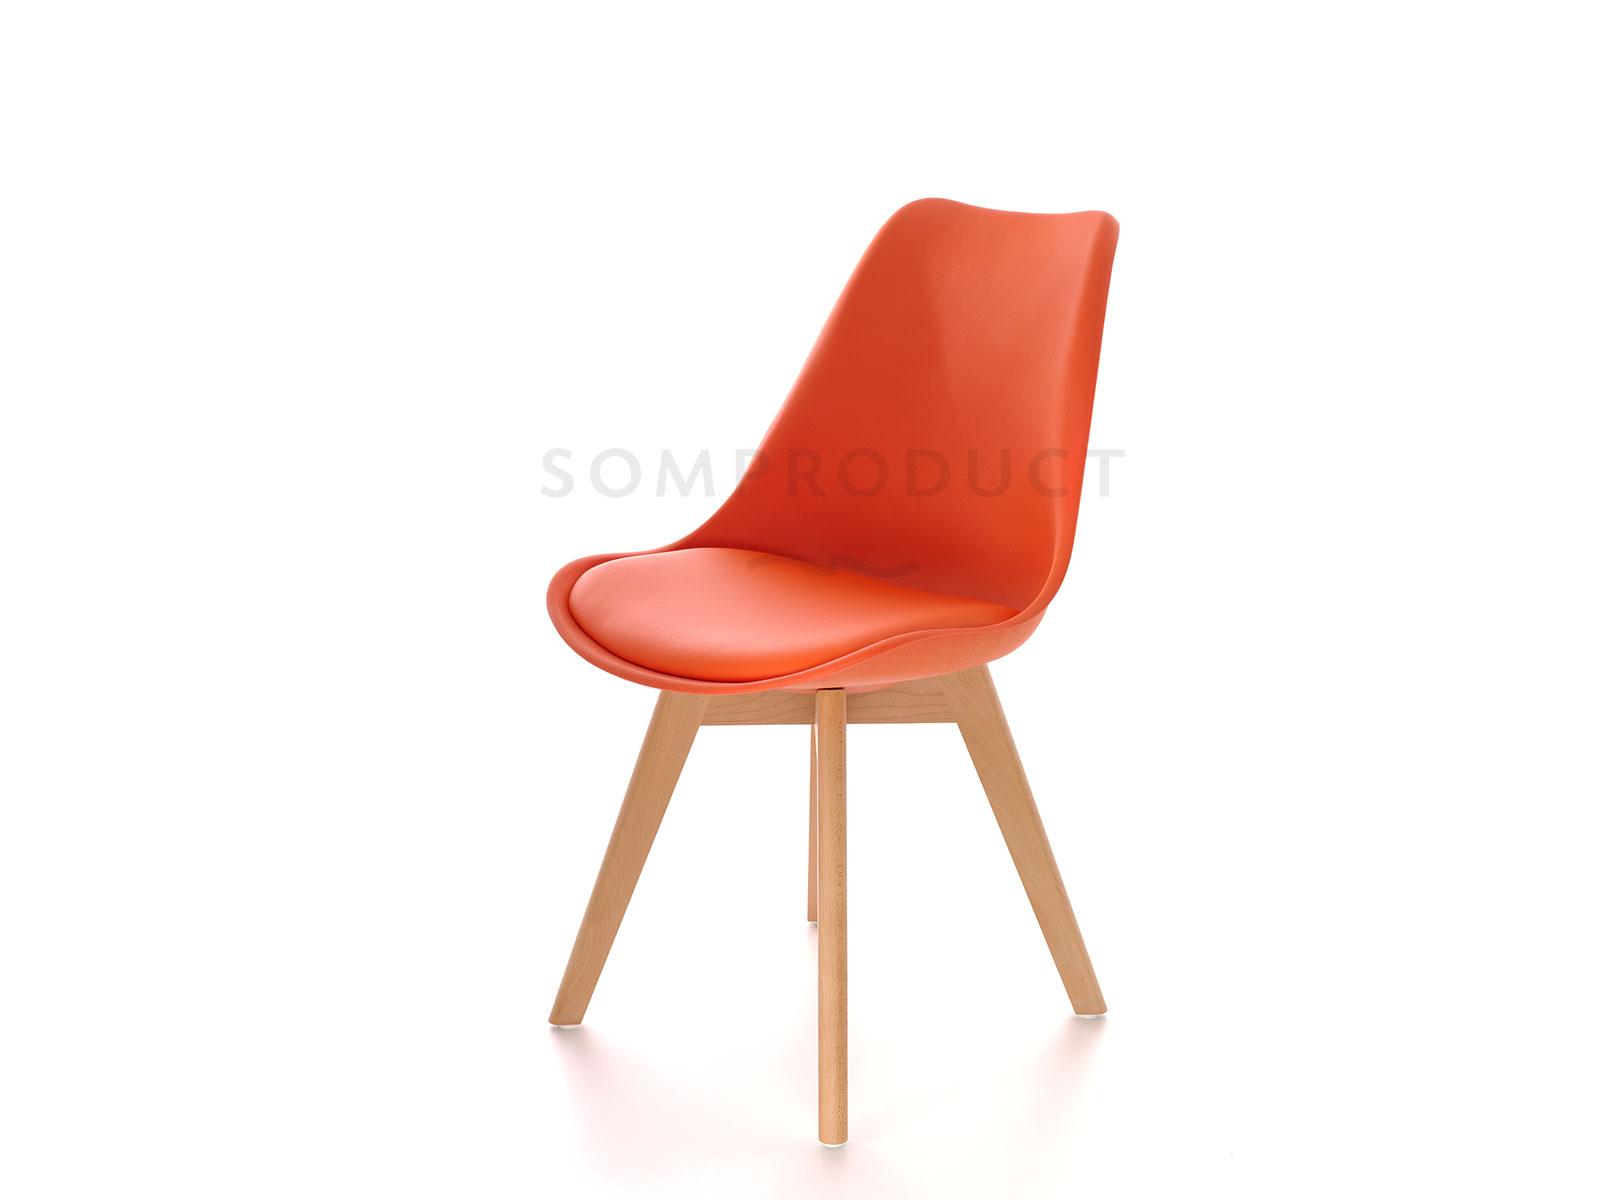 Scaun Sven Orange